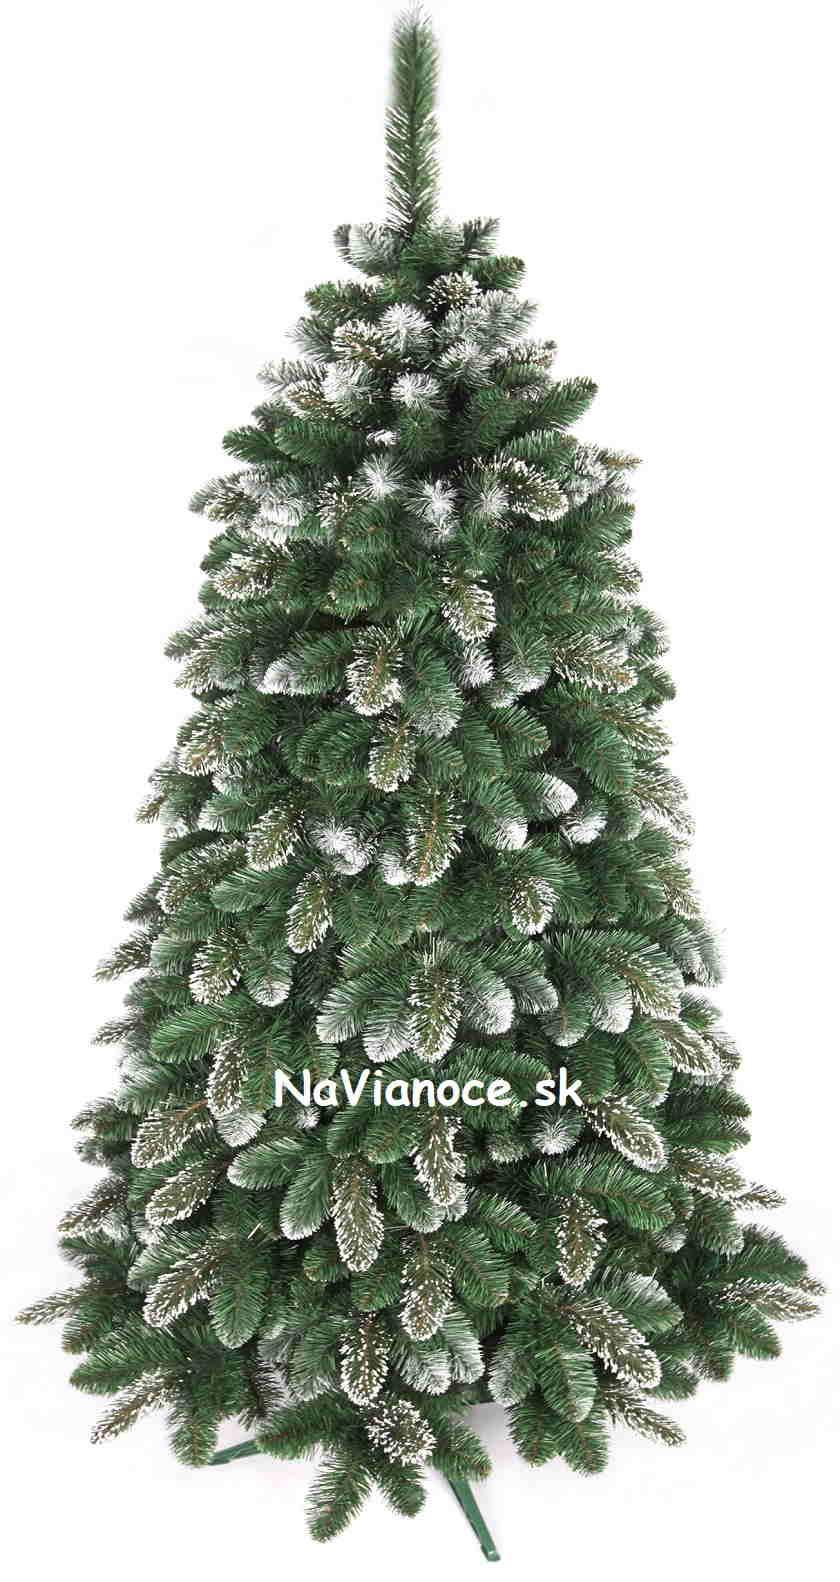 vysoký snehový vianočný stromček